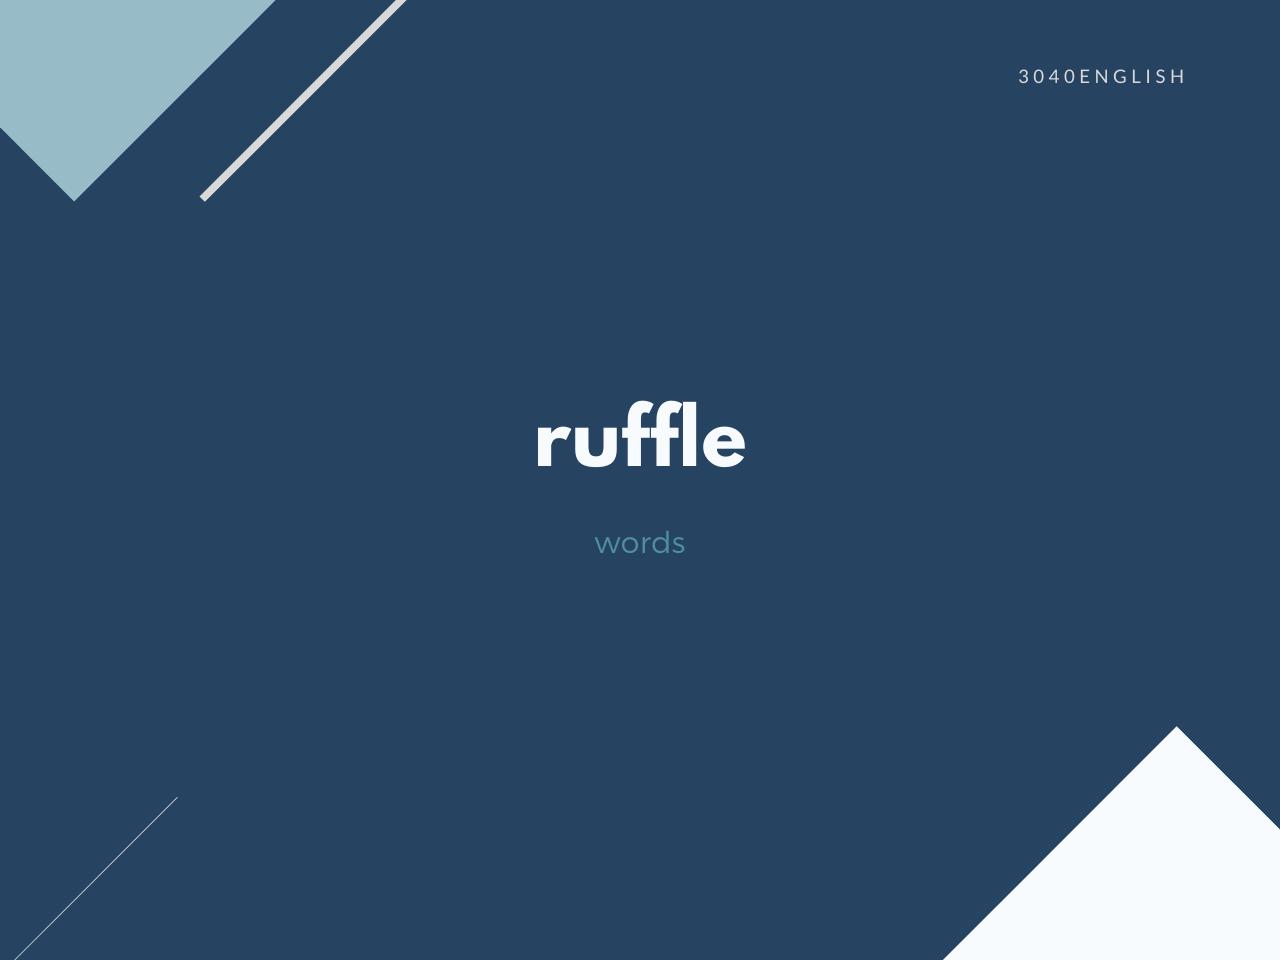 ruffle の意味と簡単な使い方【音読用例文あり】